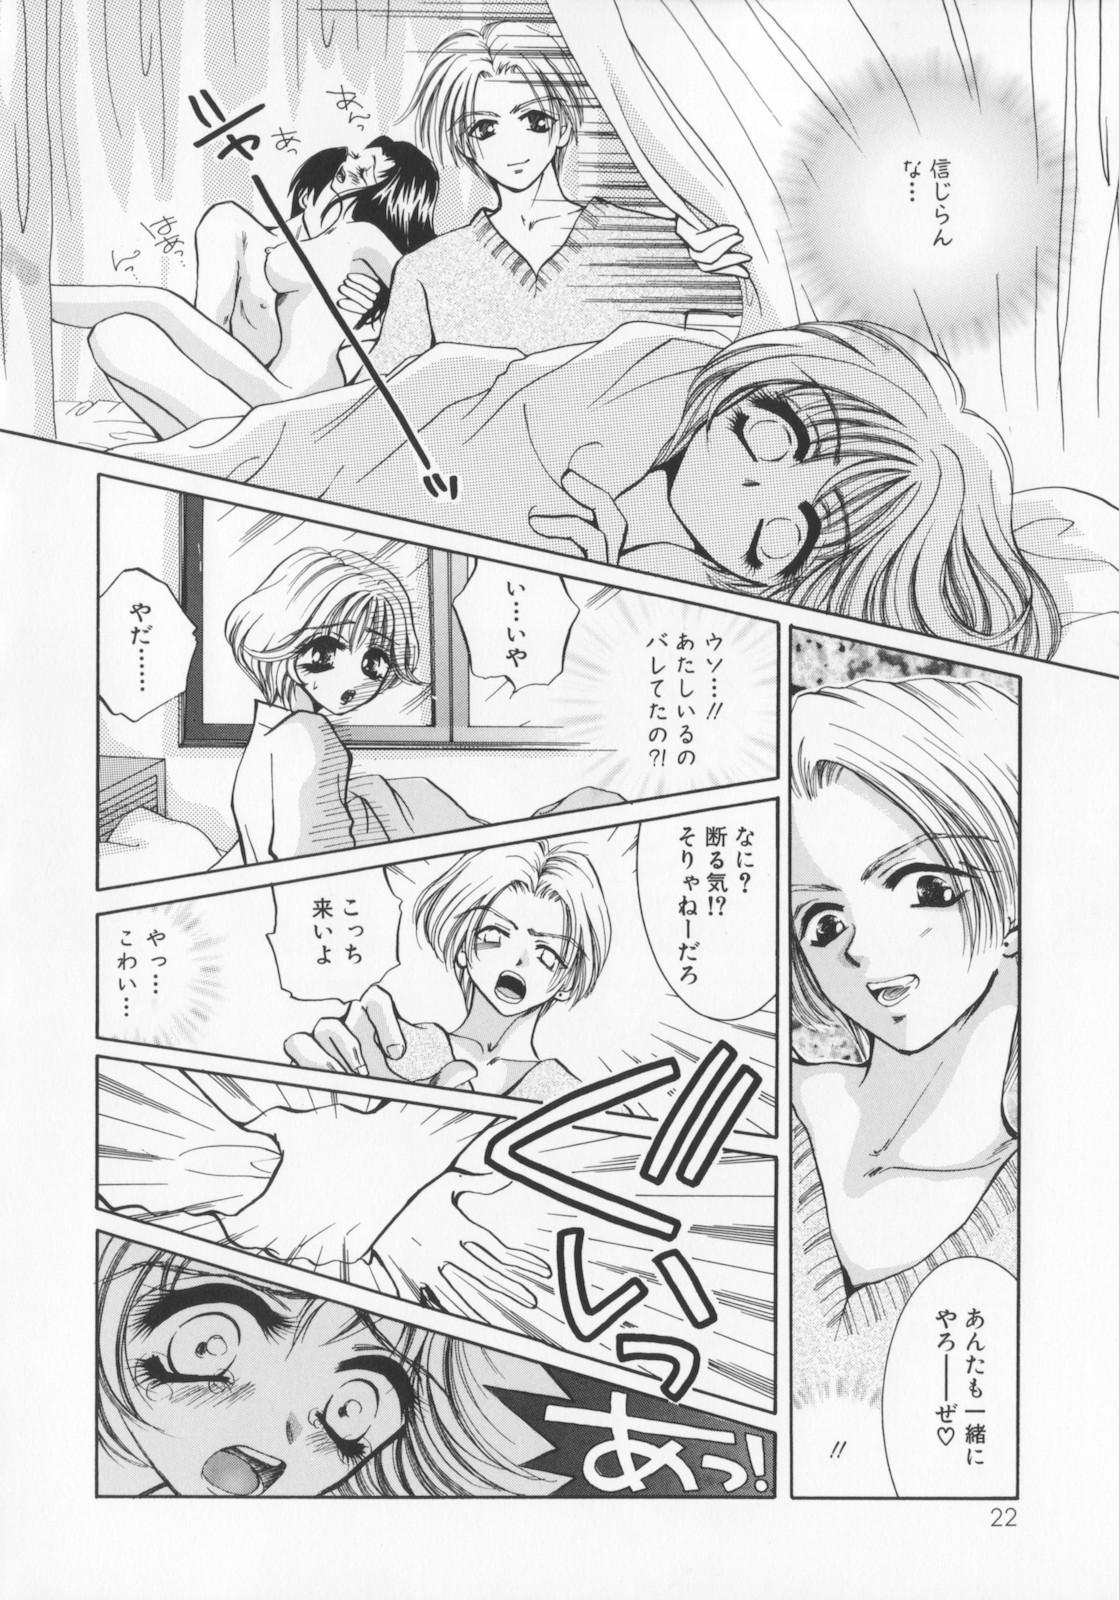 Kichiku dorei 25